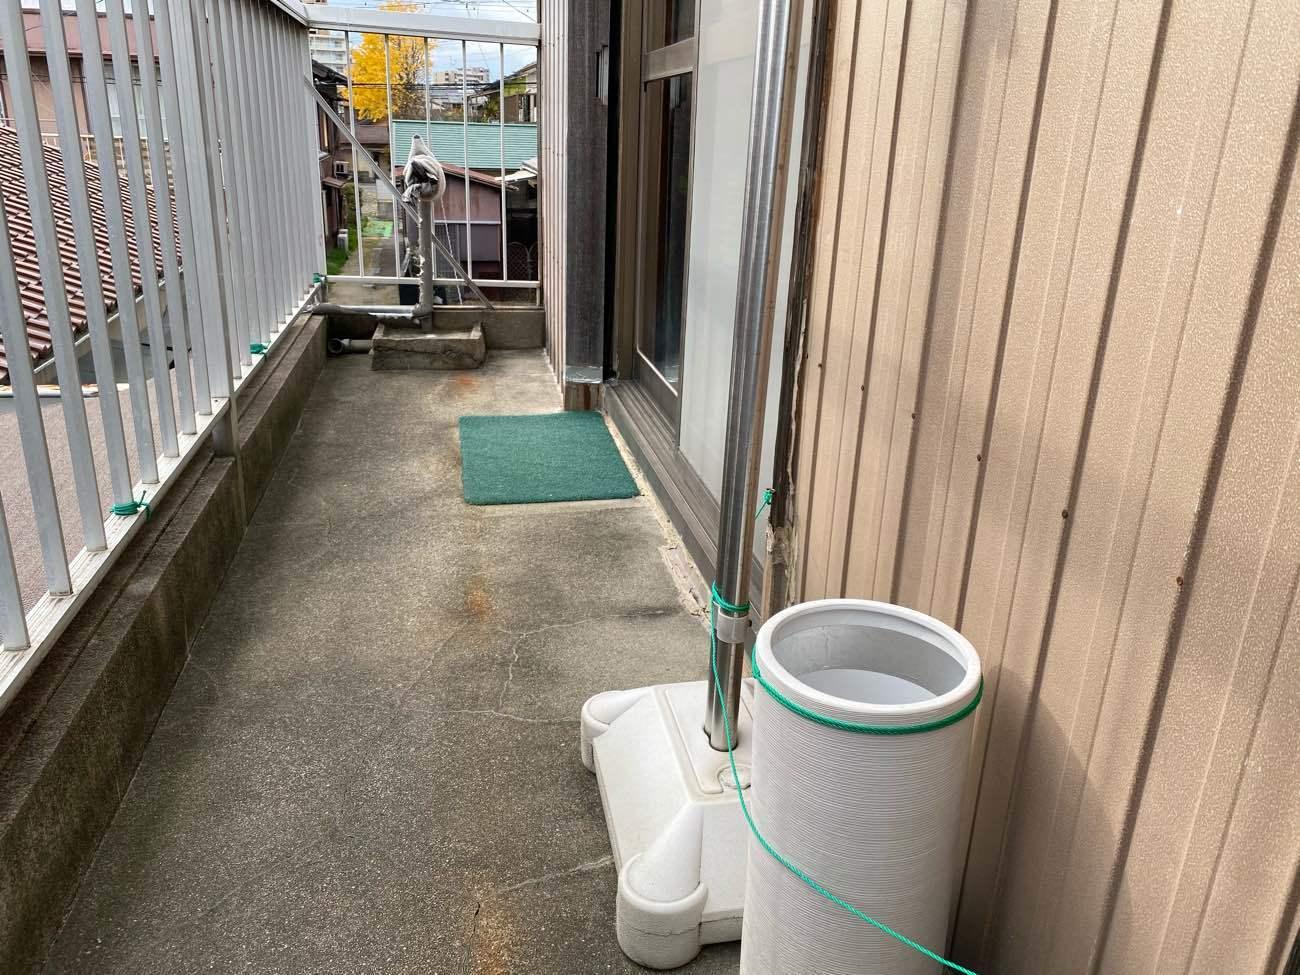 知立市内幸町にて賃貸物件の雨漏り対策工事の現地調査です